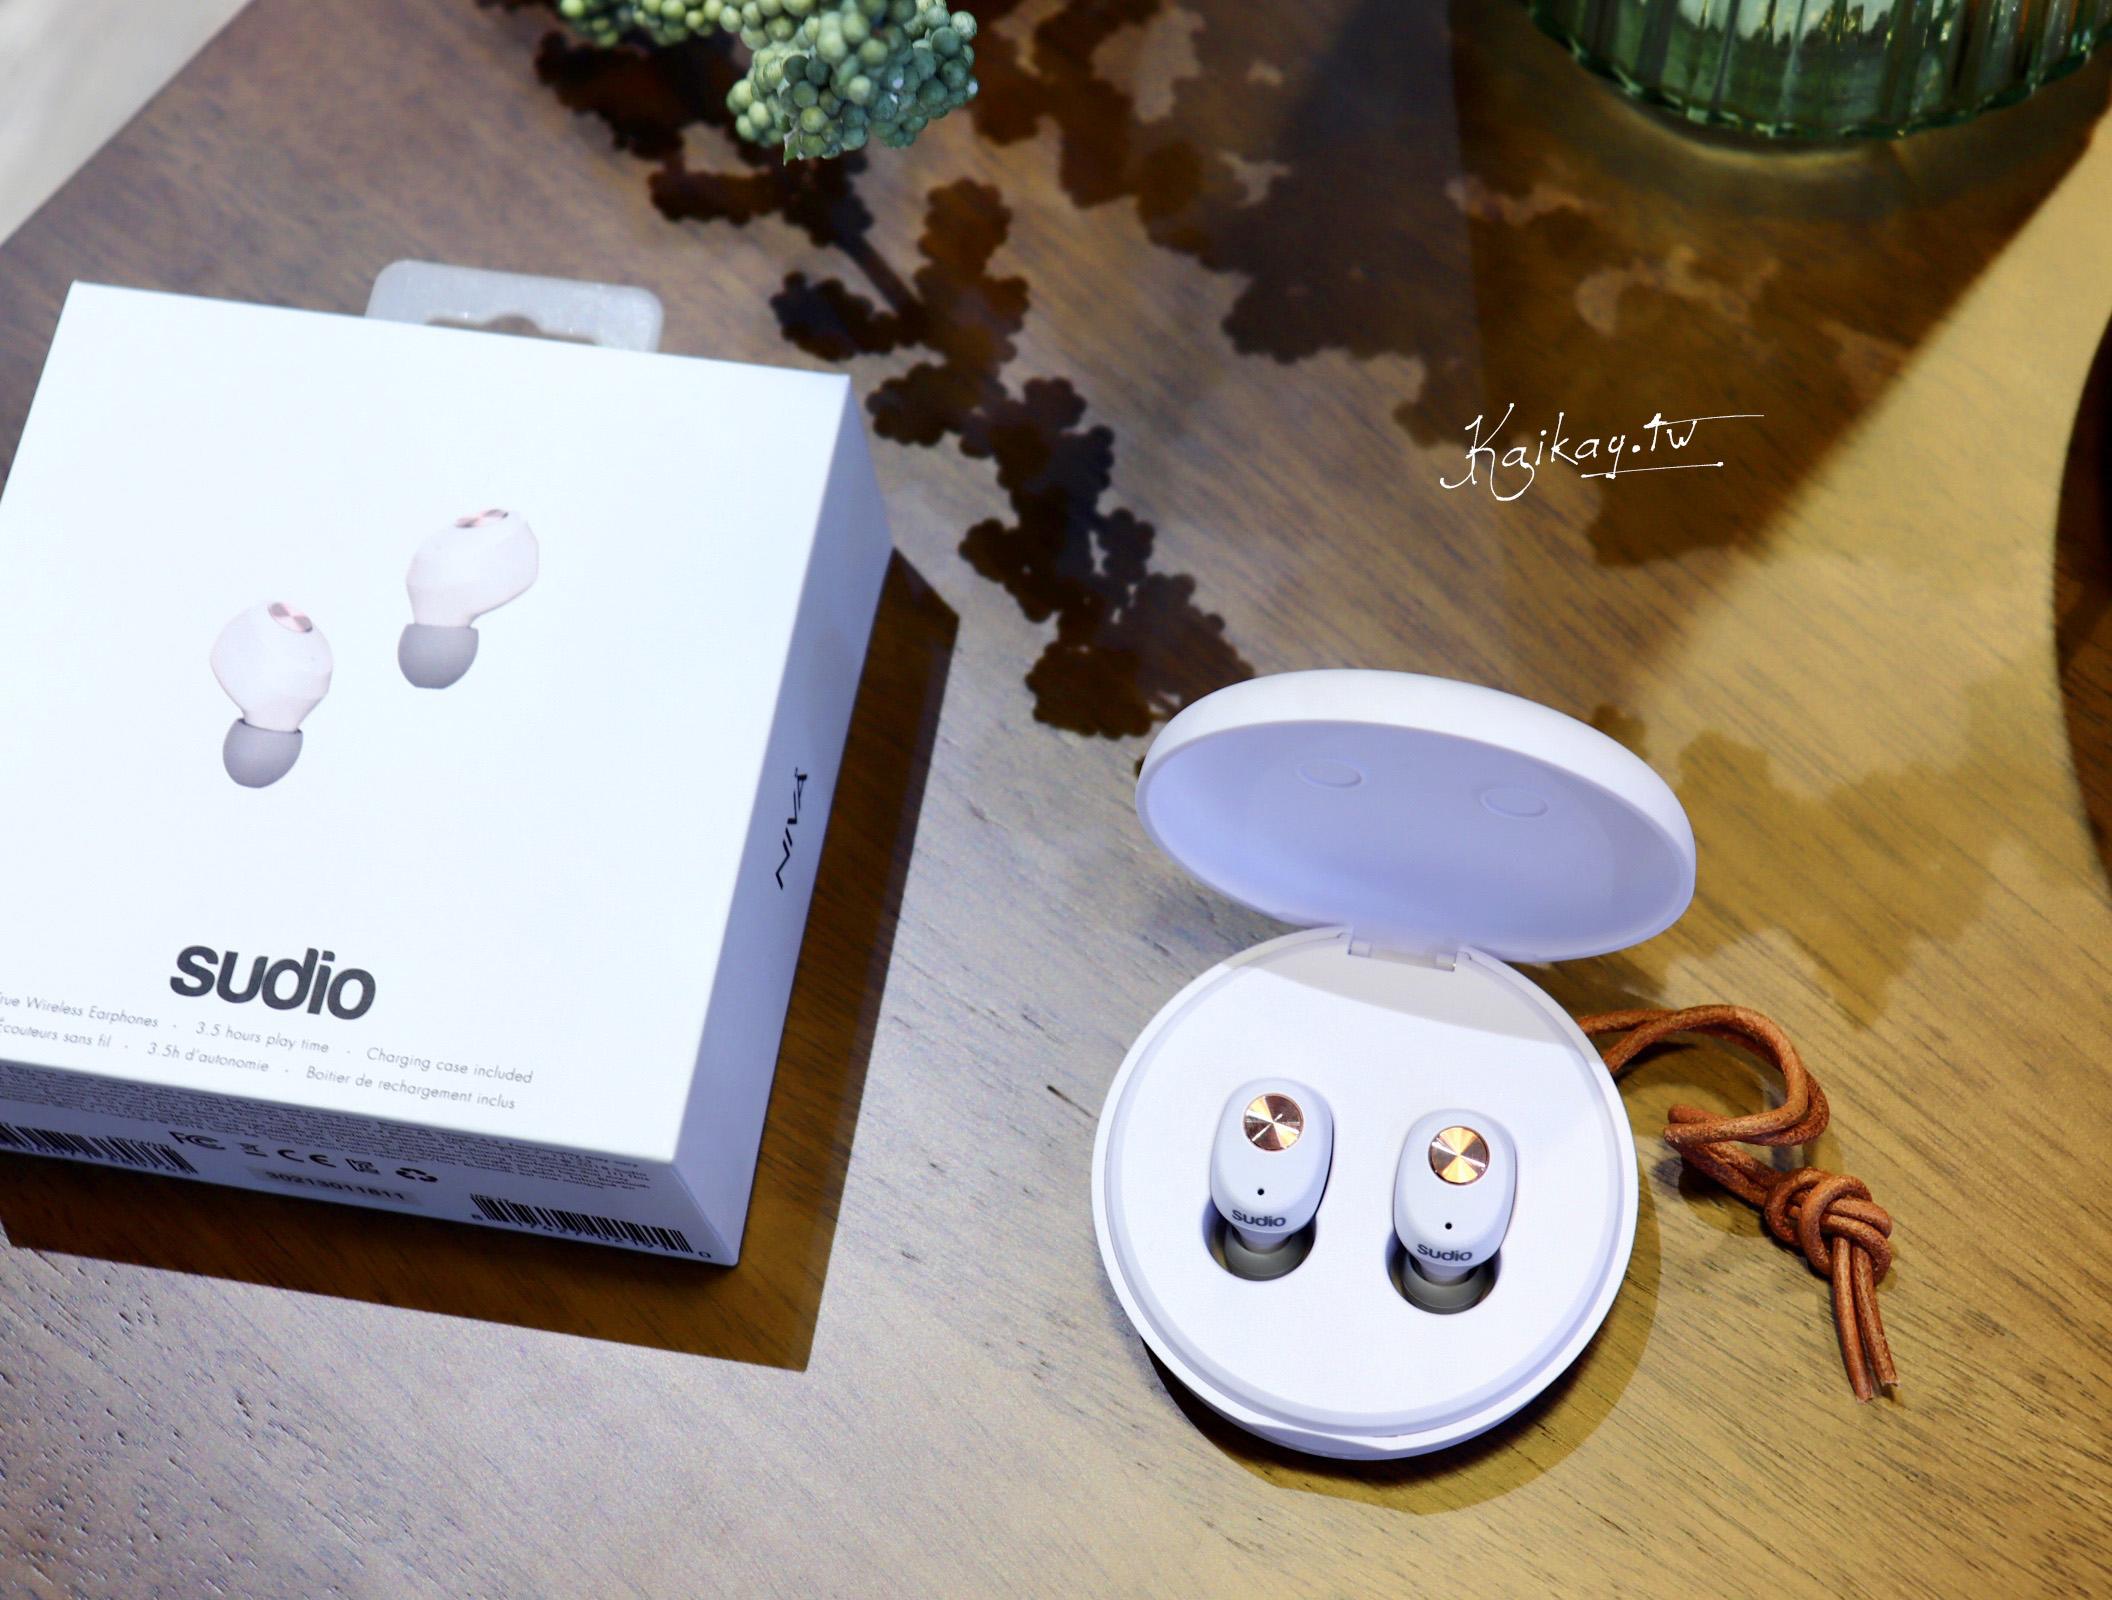 ☆【3C】來自瑞典的Sudio Niva。簡約、直覺、高質感的絕美真無線藍牙耳機 @凱的日本食尚日記